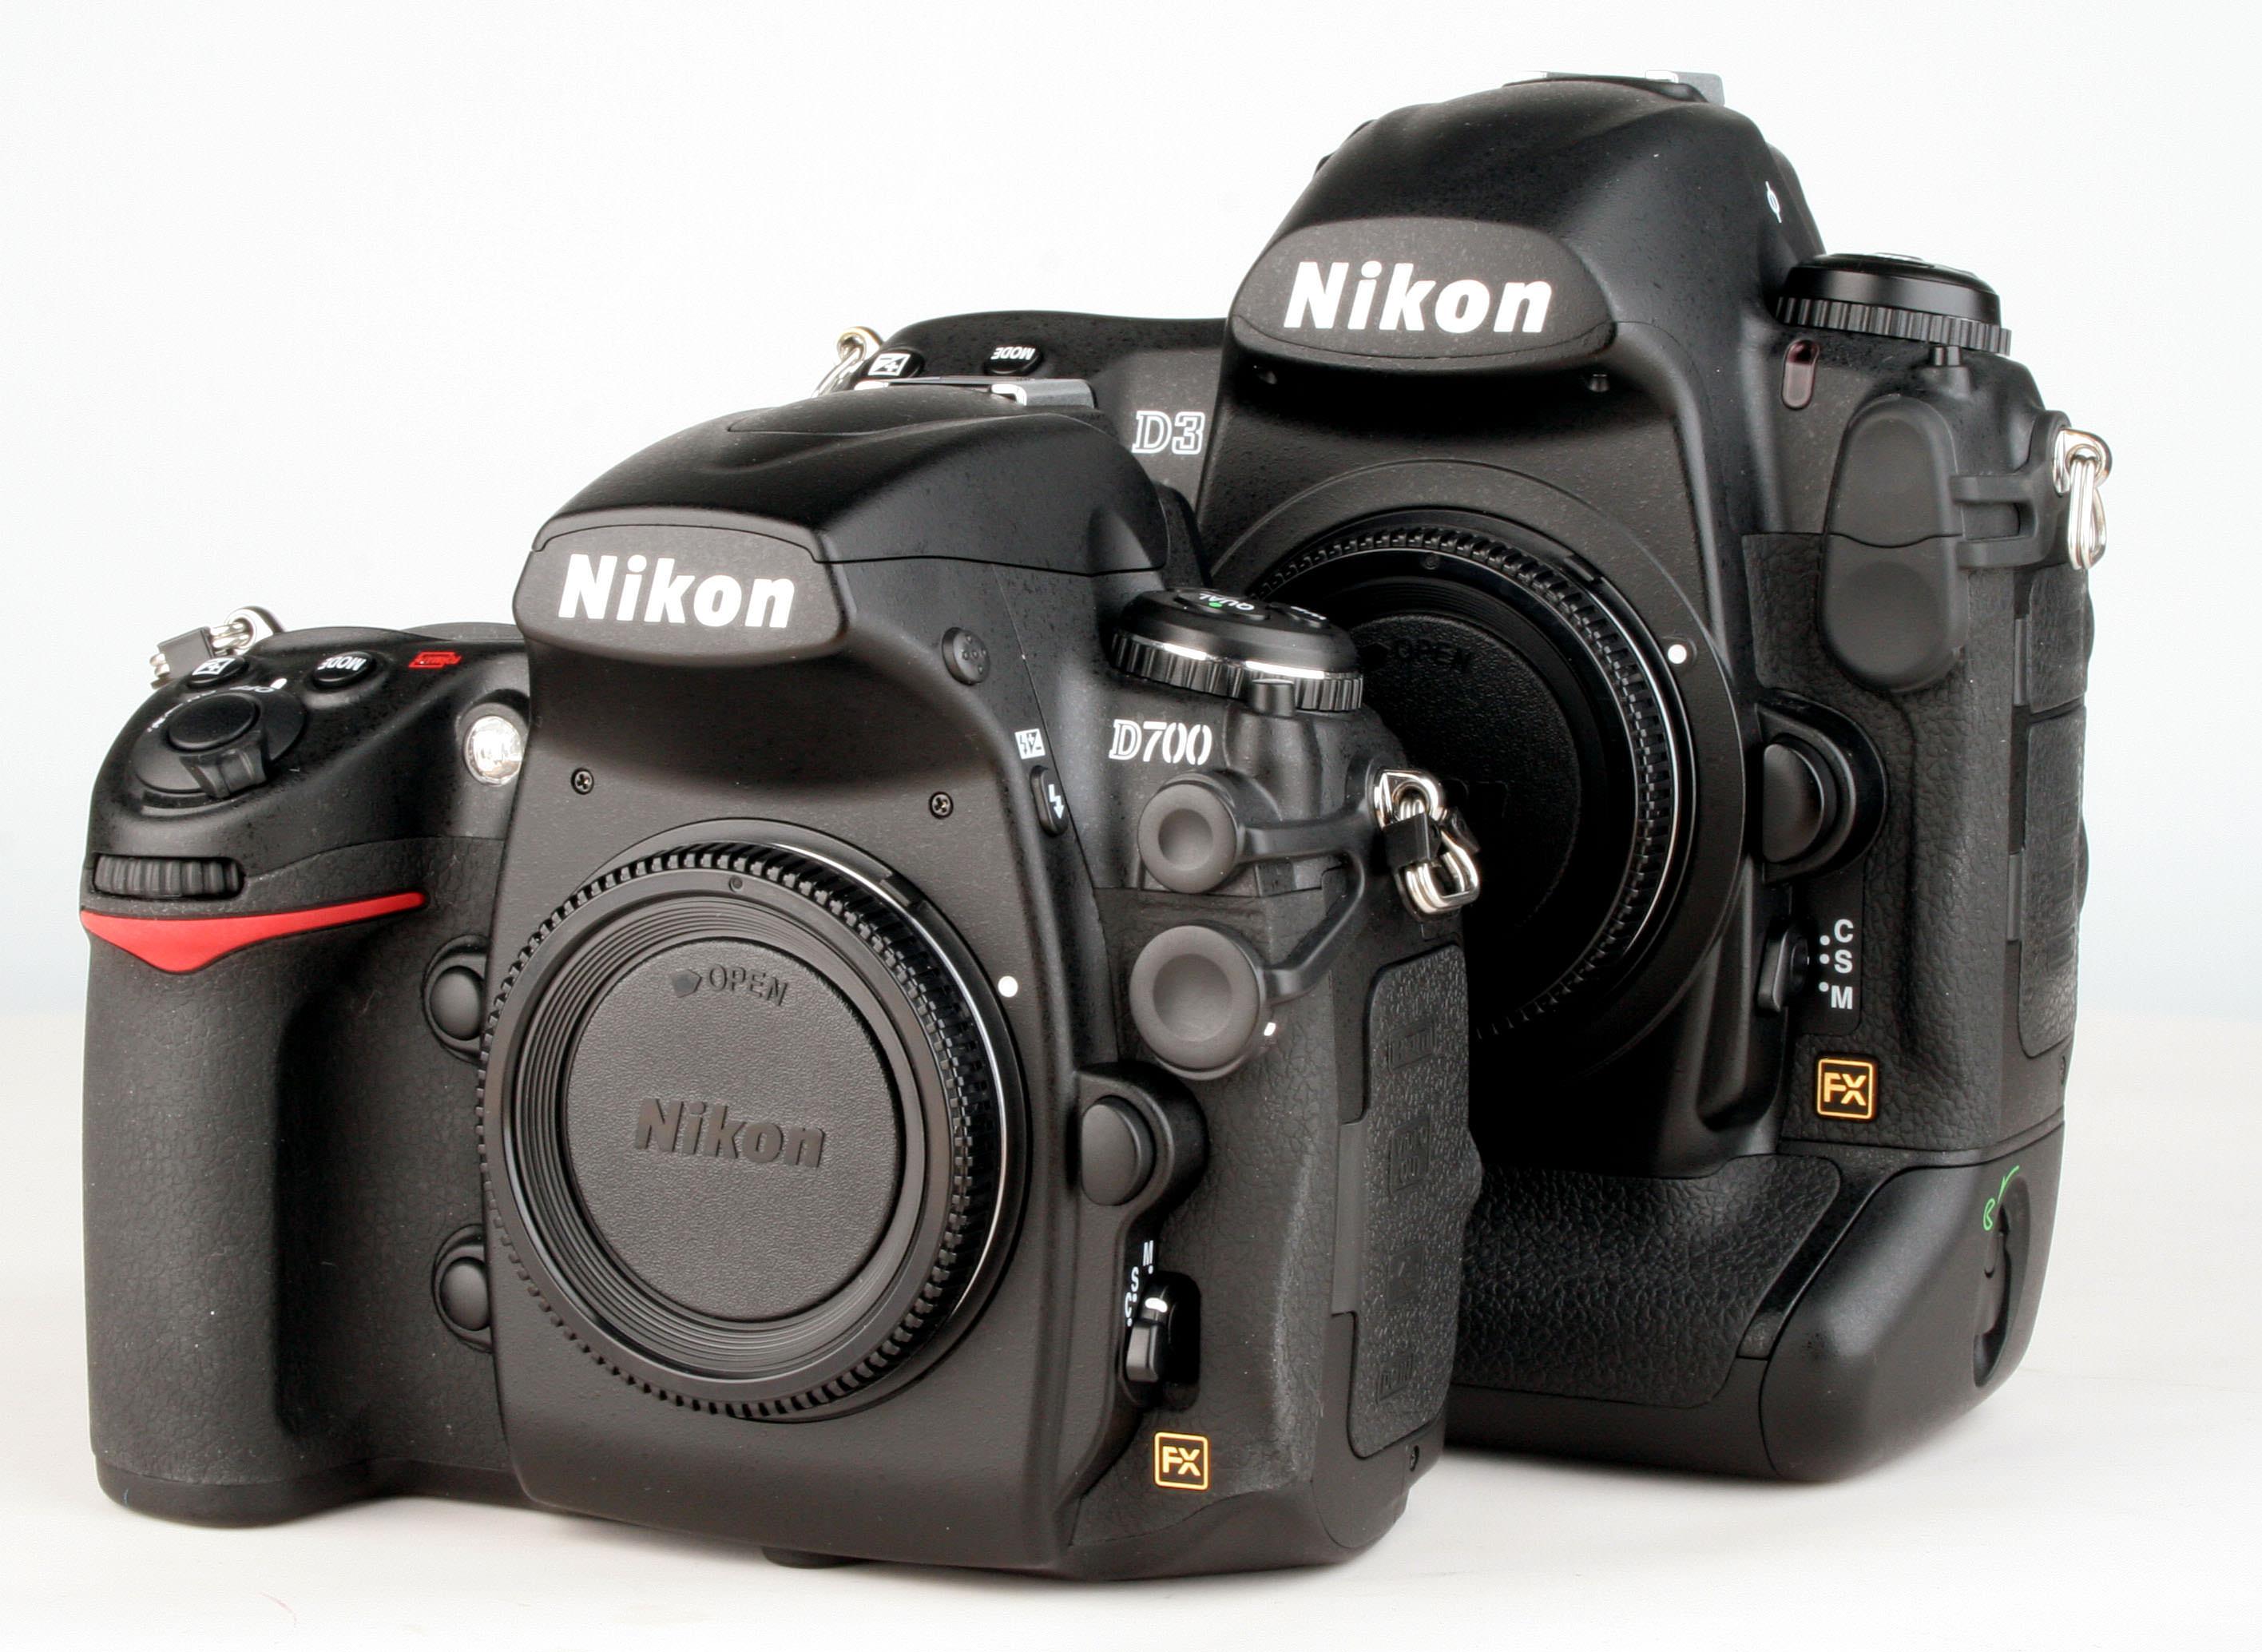 Camera Nikon D700 Dslr Camera nikon d700 digital slr review d700